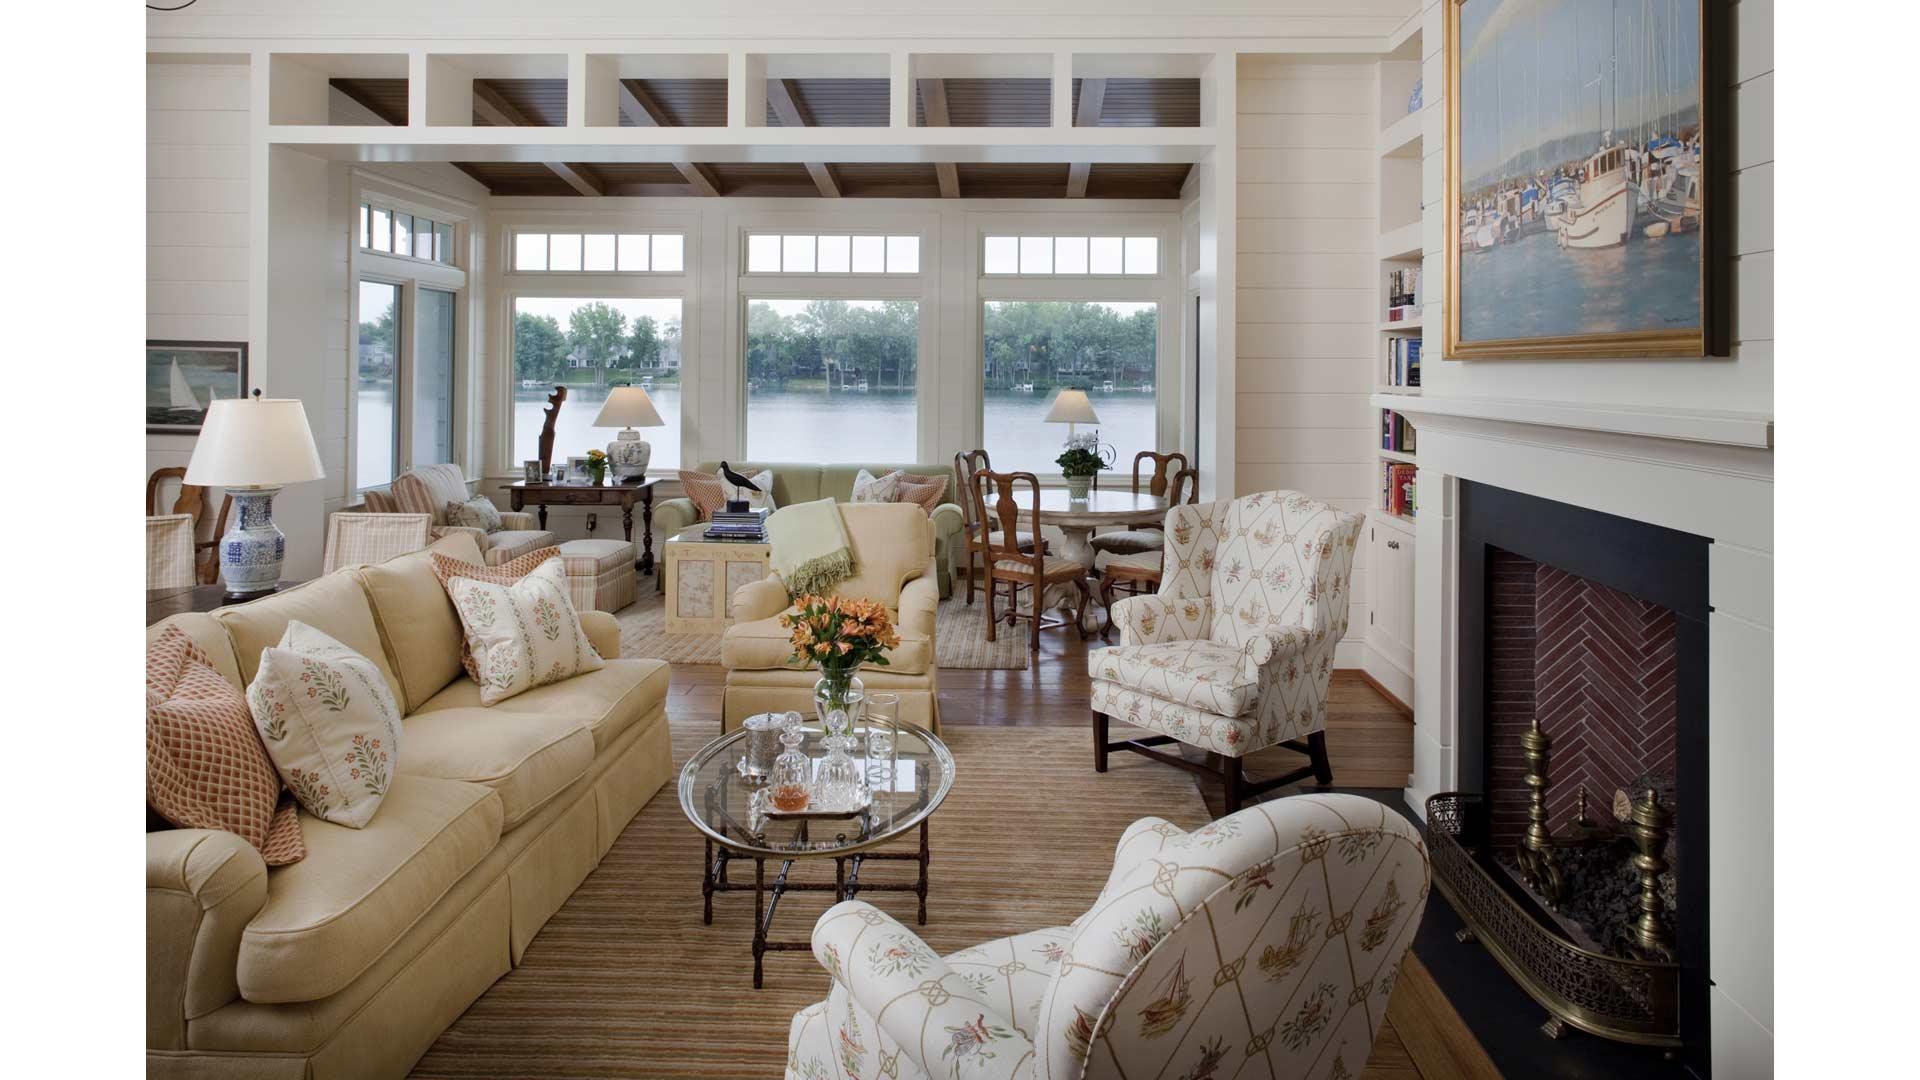 Shingle Style Lakehouse - HAUS Architecture, Christopher Short, Indianapolis Architect